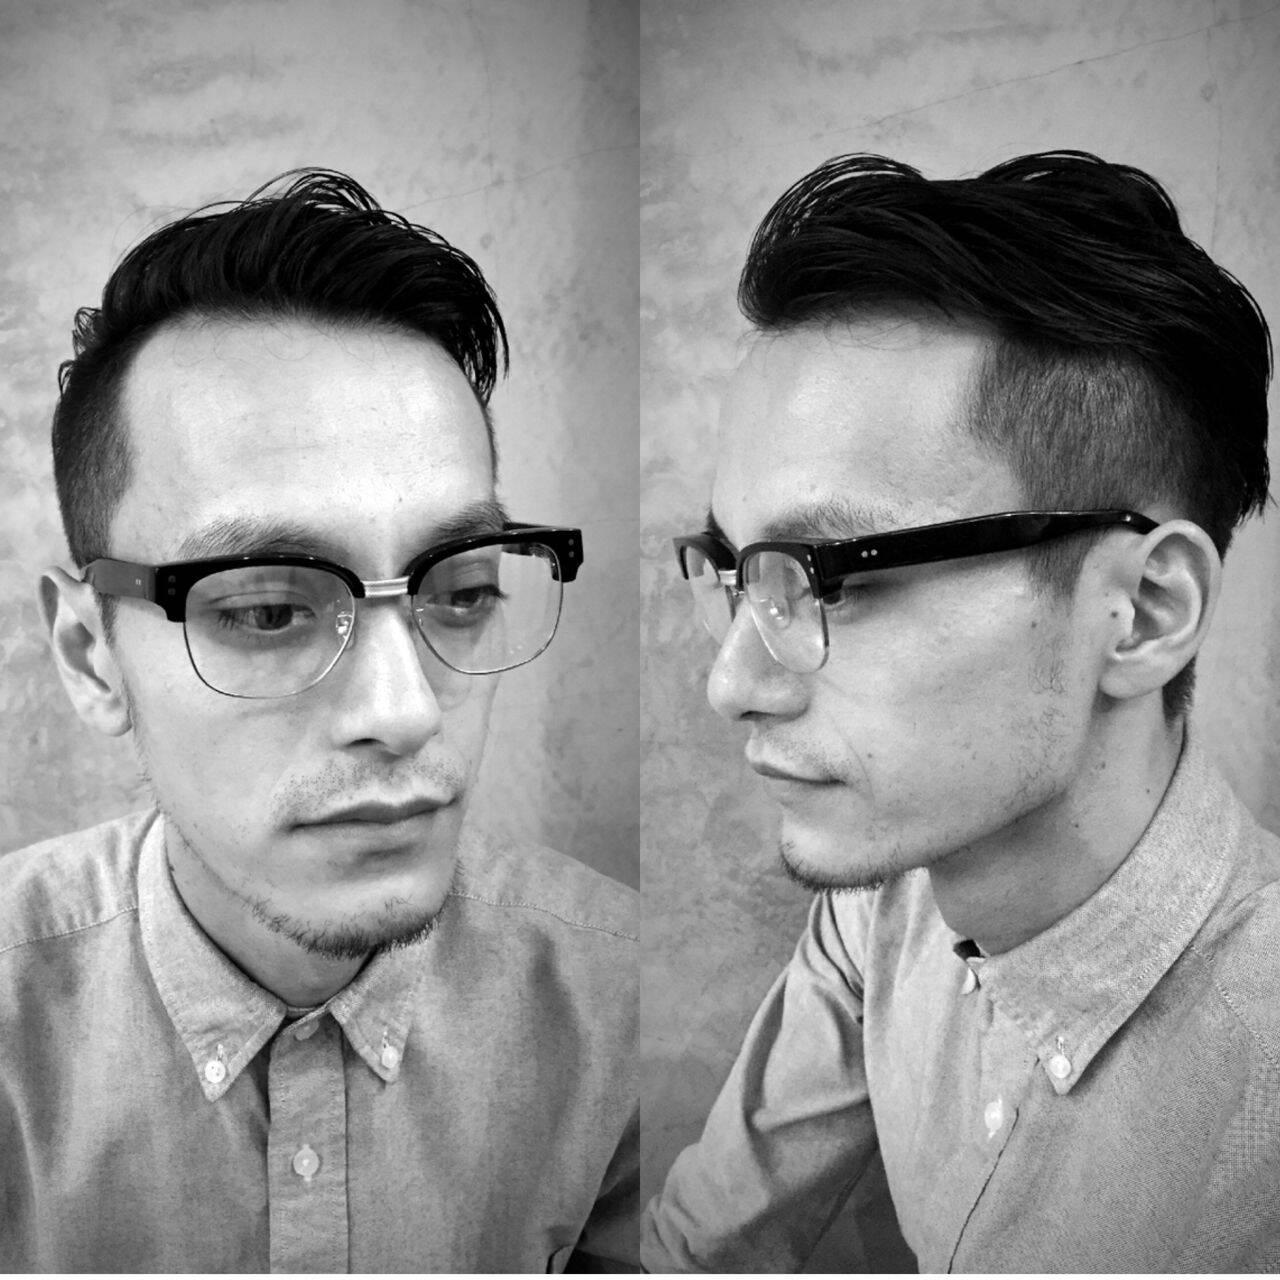 ボーイッシュ ショート 刈り上げ メンズヘアスタイルや髪型の写真・画像